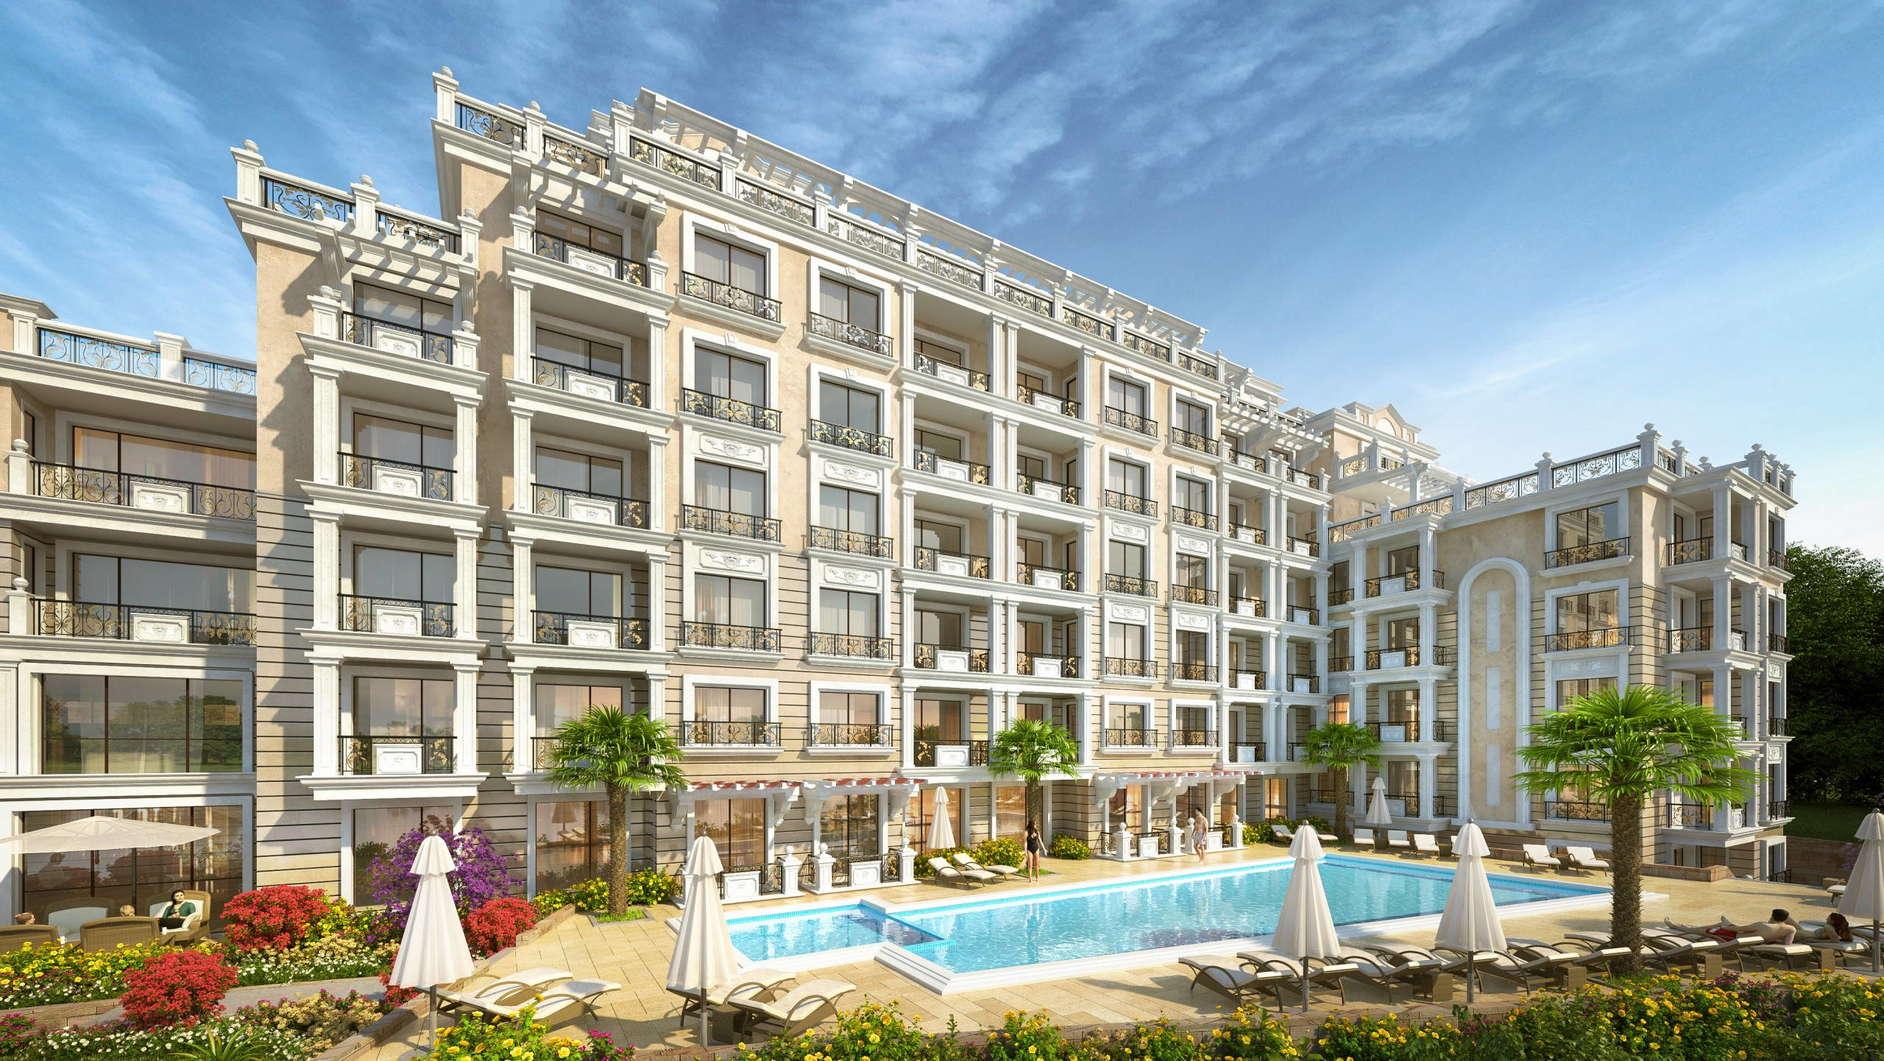 Агенция РЕВИСТА представя за продажба БЕЗ КОМИСИОН едностайни, двустайни и тристайни апартаменти в луксозен жилищен комплекс на морето на Свети Влас